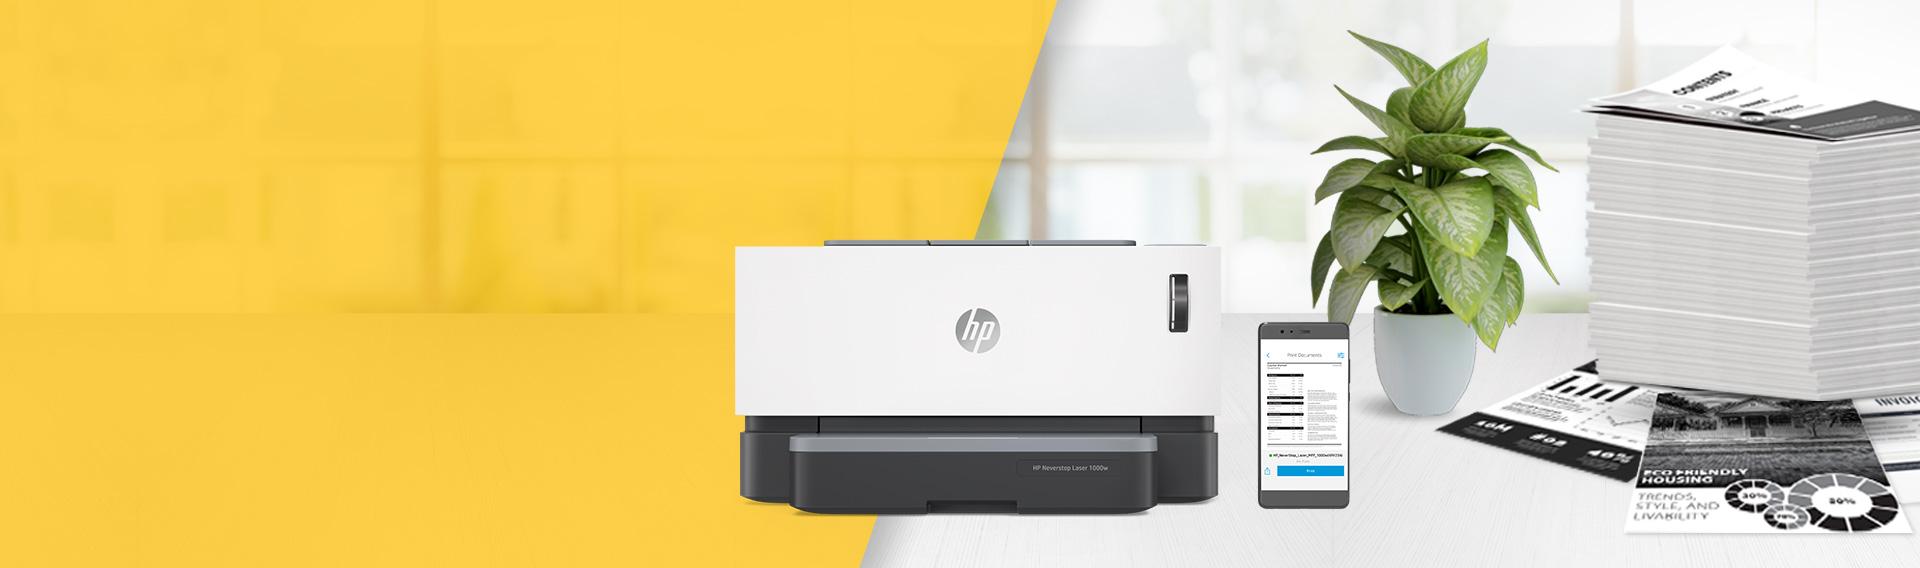 HP Neverstop. Diseñada para imprimir grandes volúmenes a bajo costo.